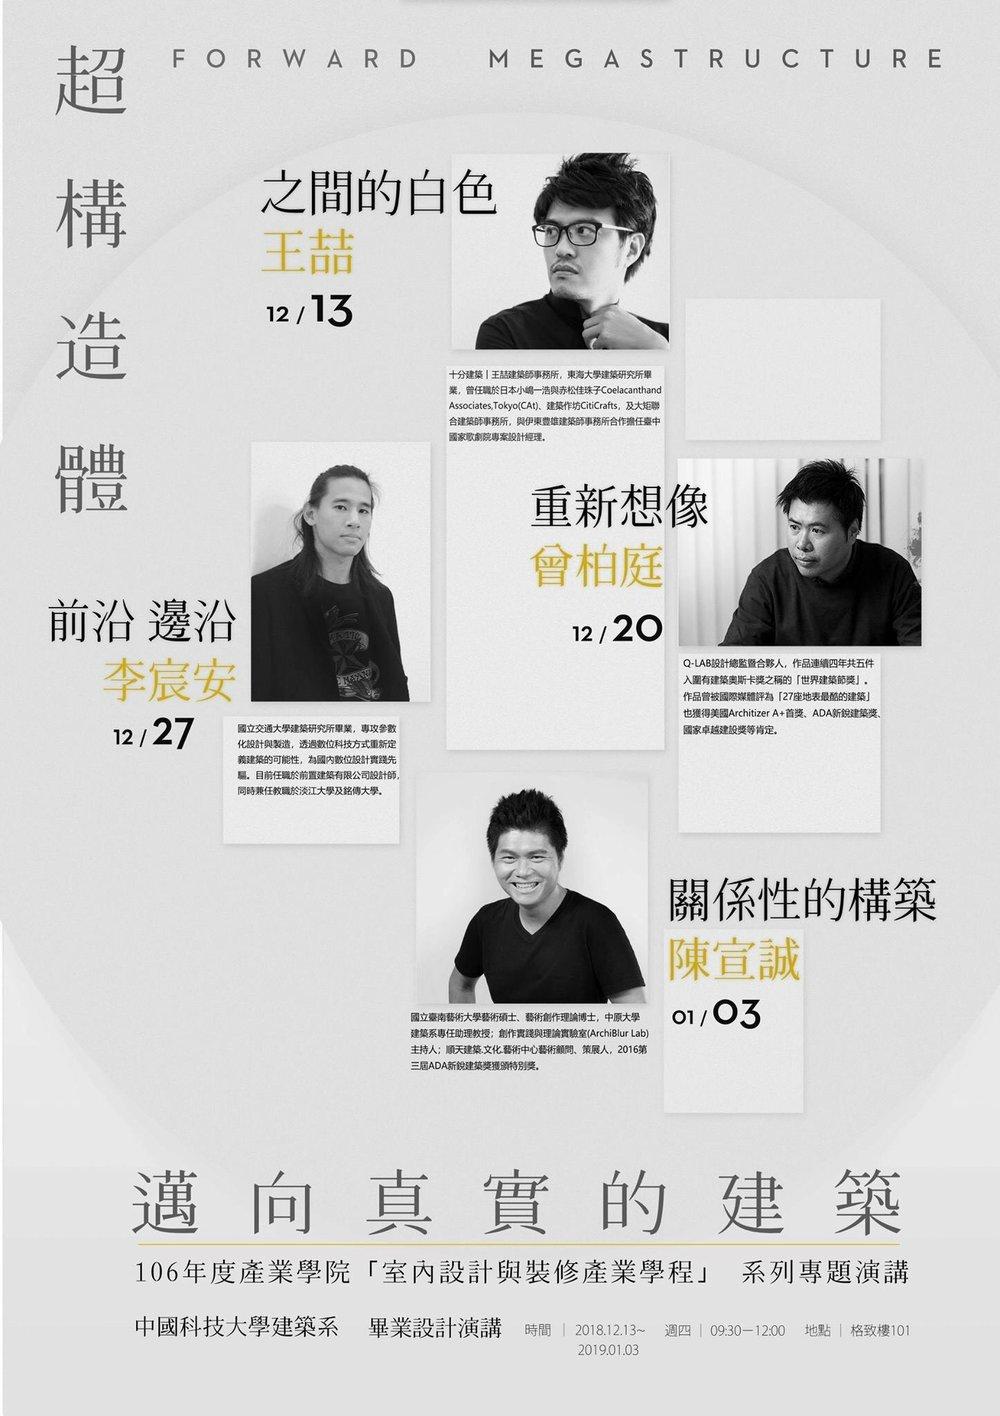 中國科技大學演講.jpg